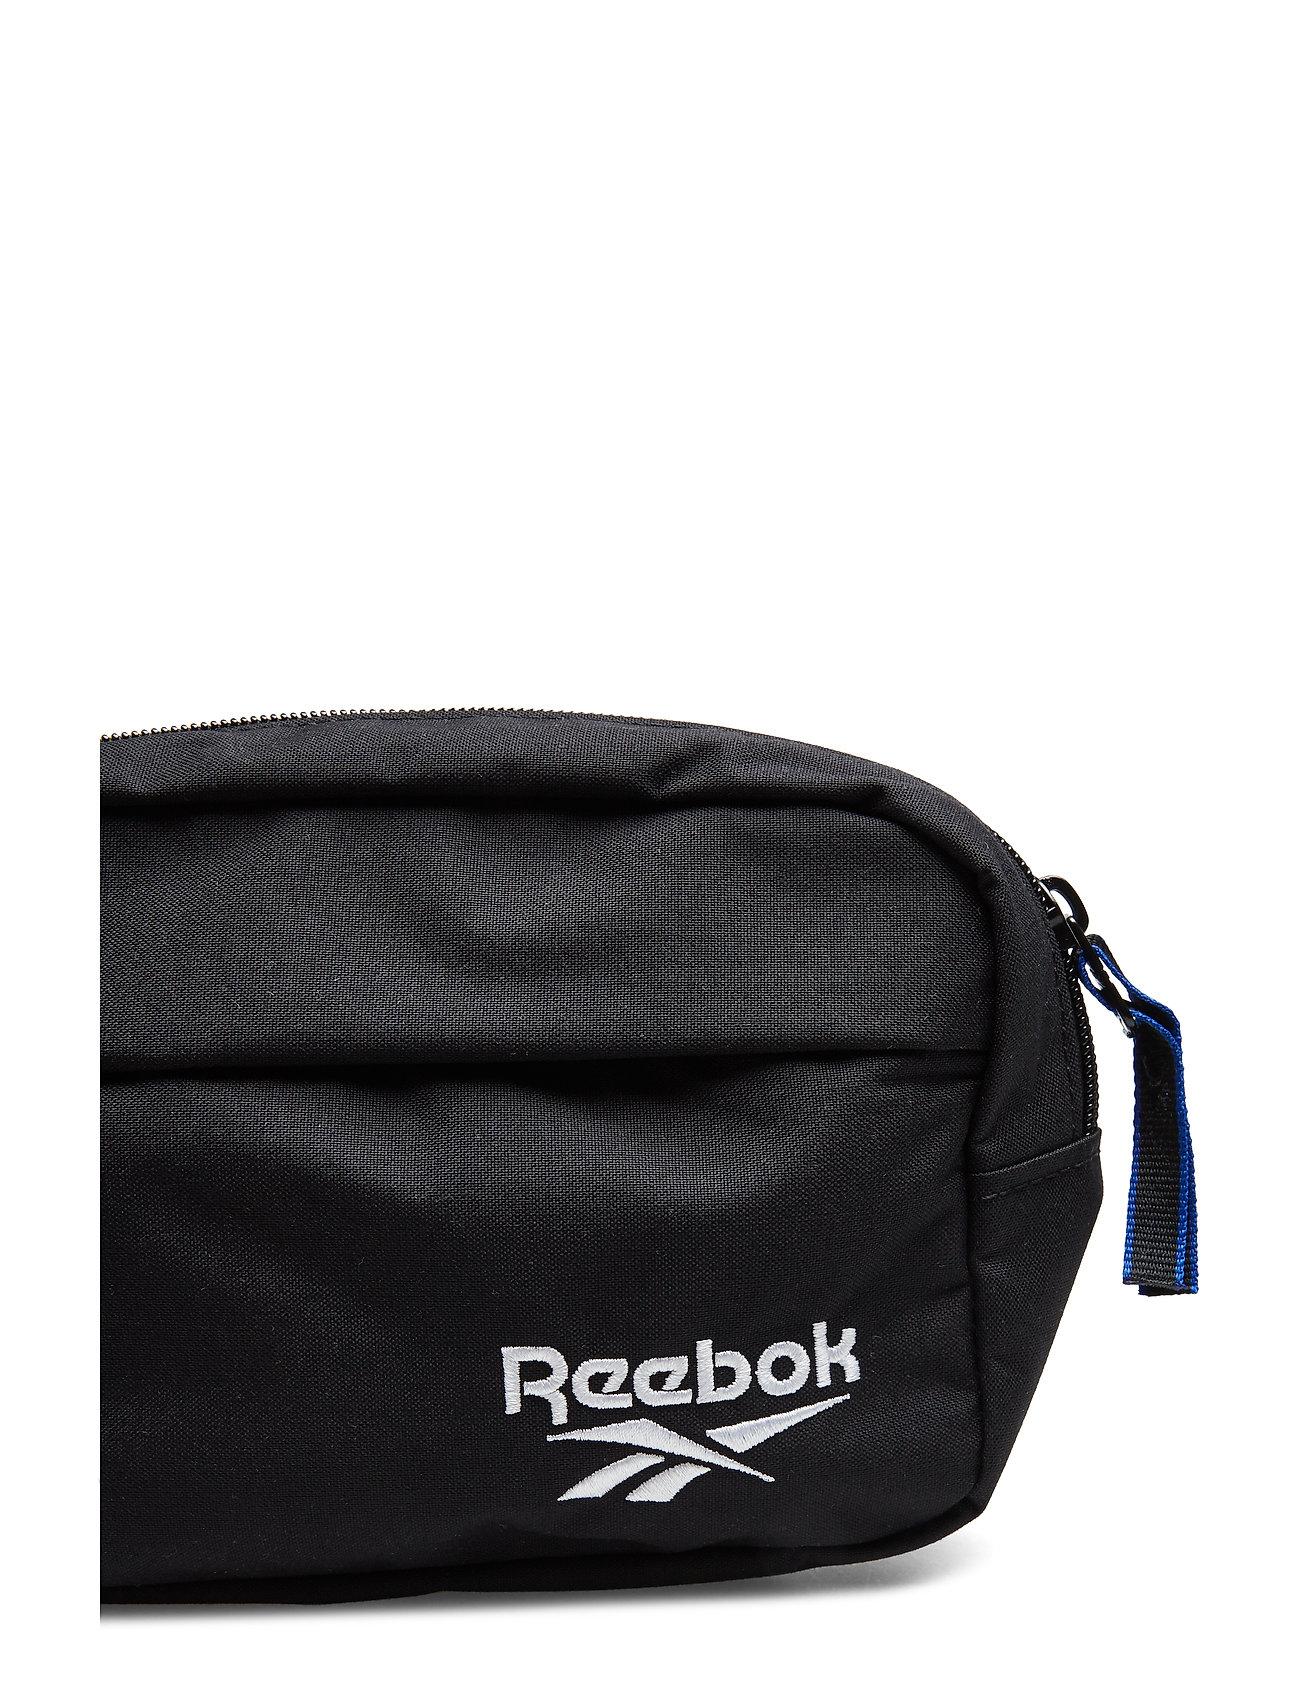 blackReebok Cl blackReebok Waistbagblack Cl Waistbagblack Fo Classics Fo rodeCxB